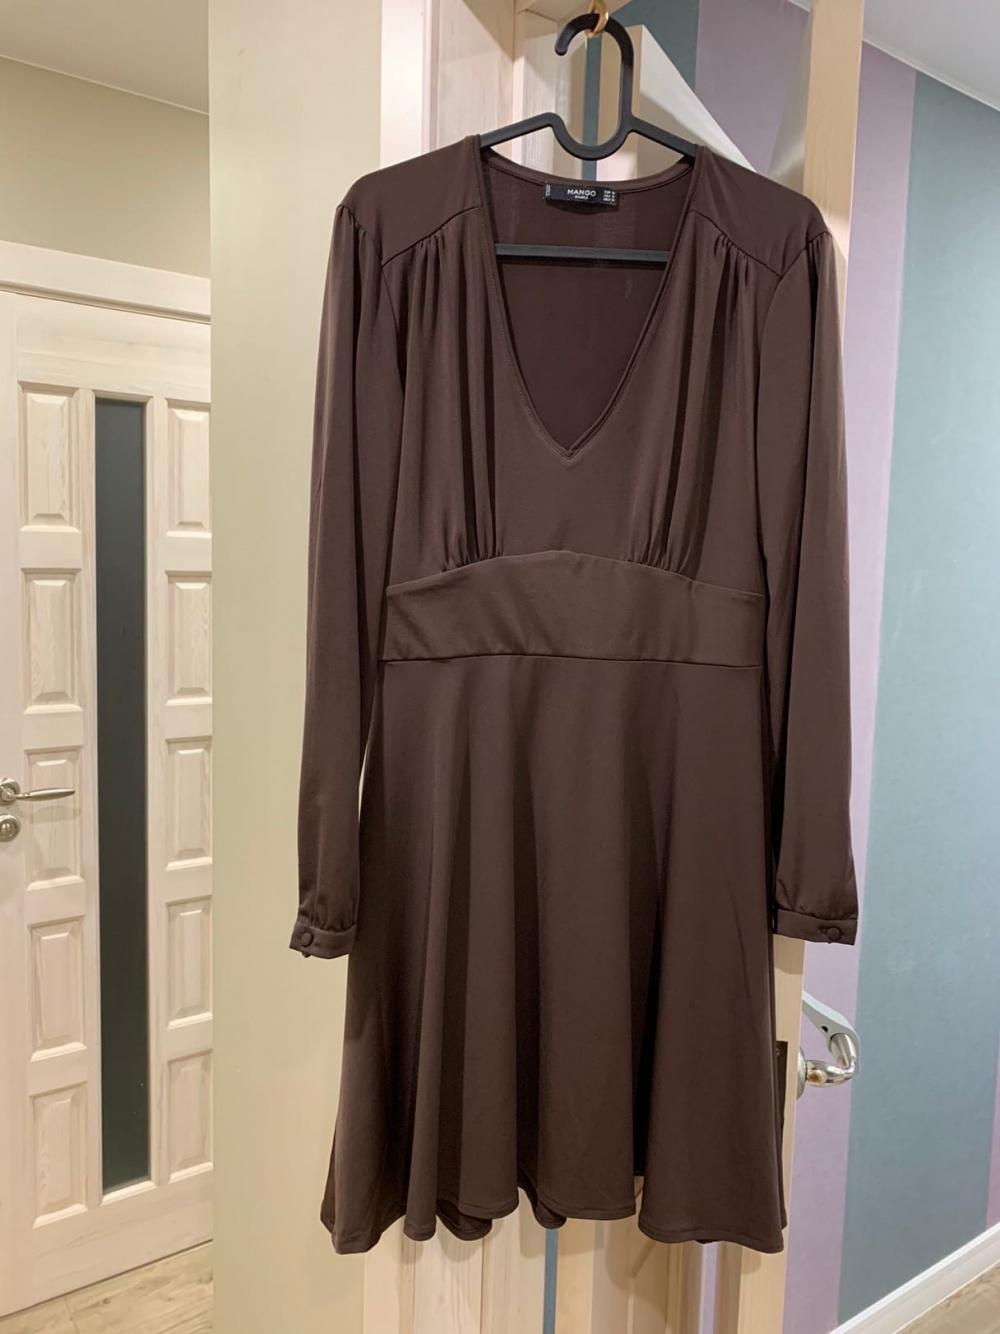 Комплект вещей MANGO, топ накидка платье, размер S